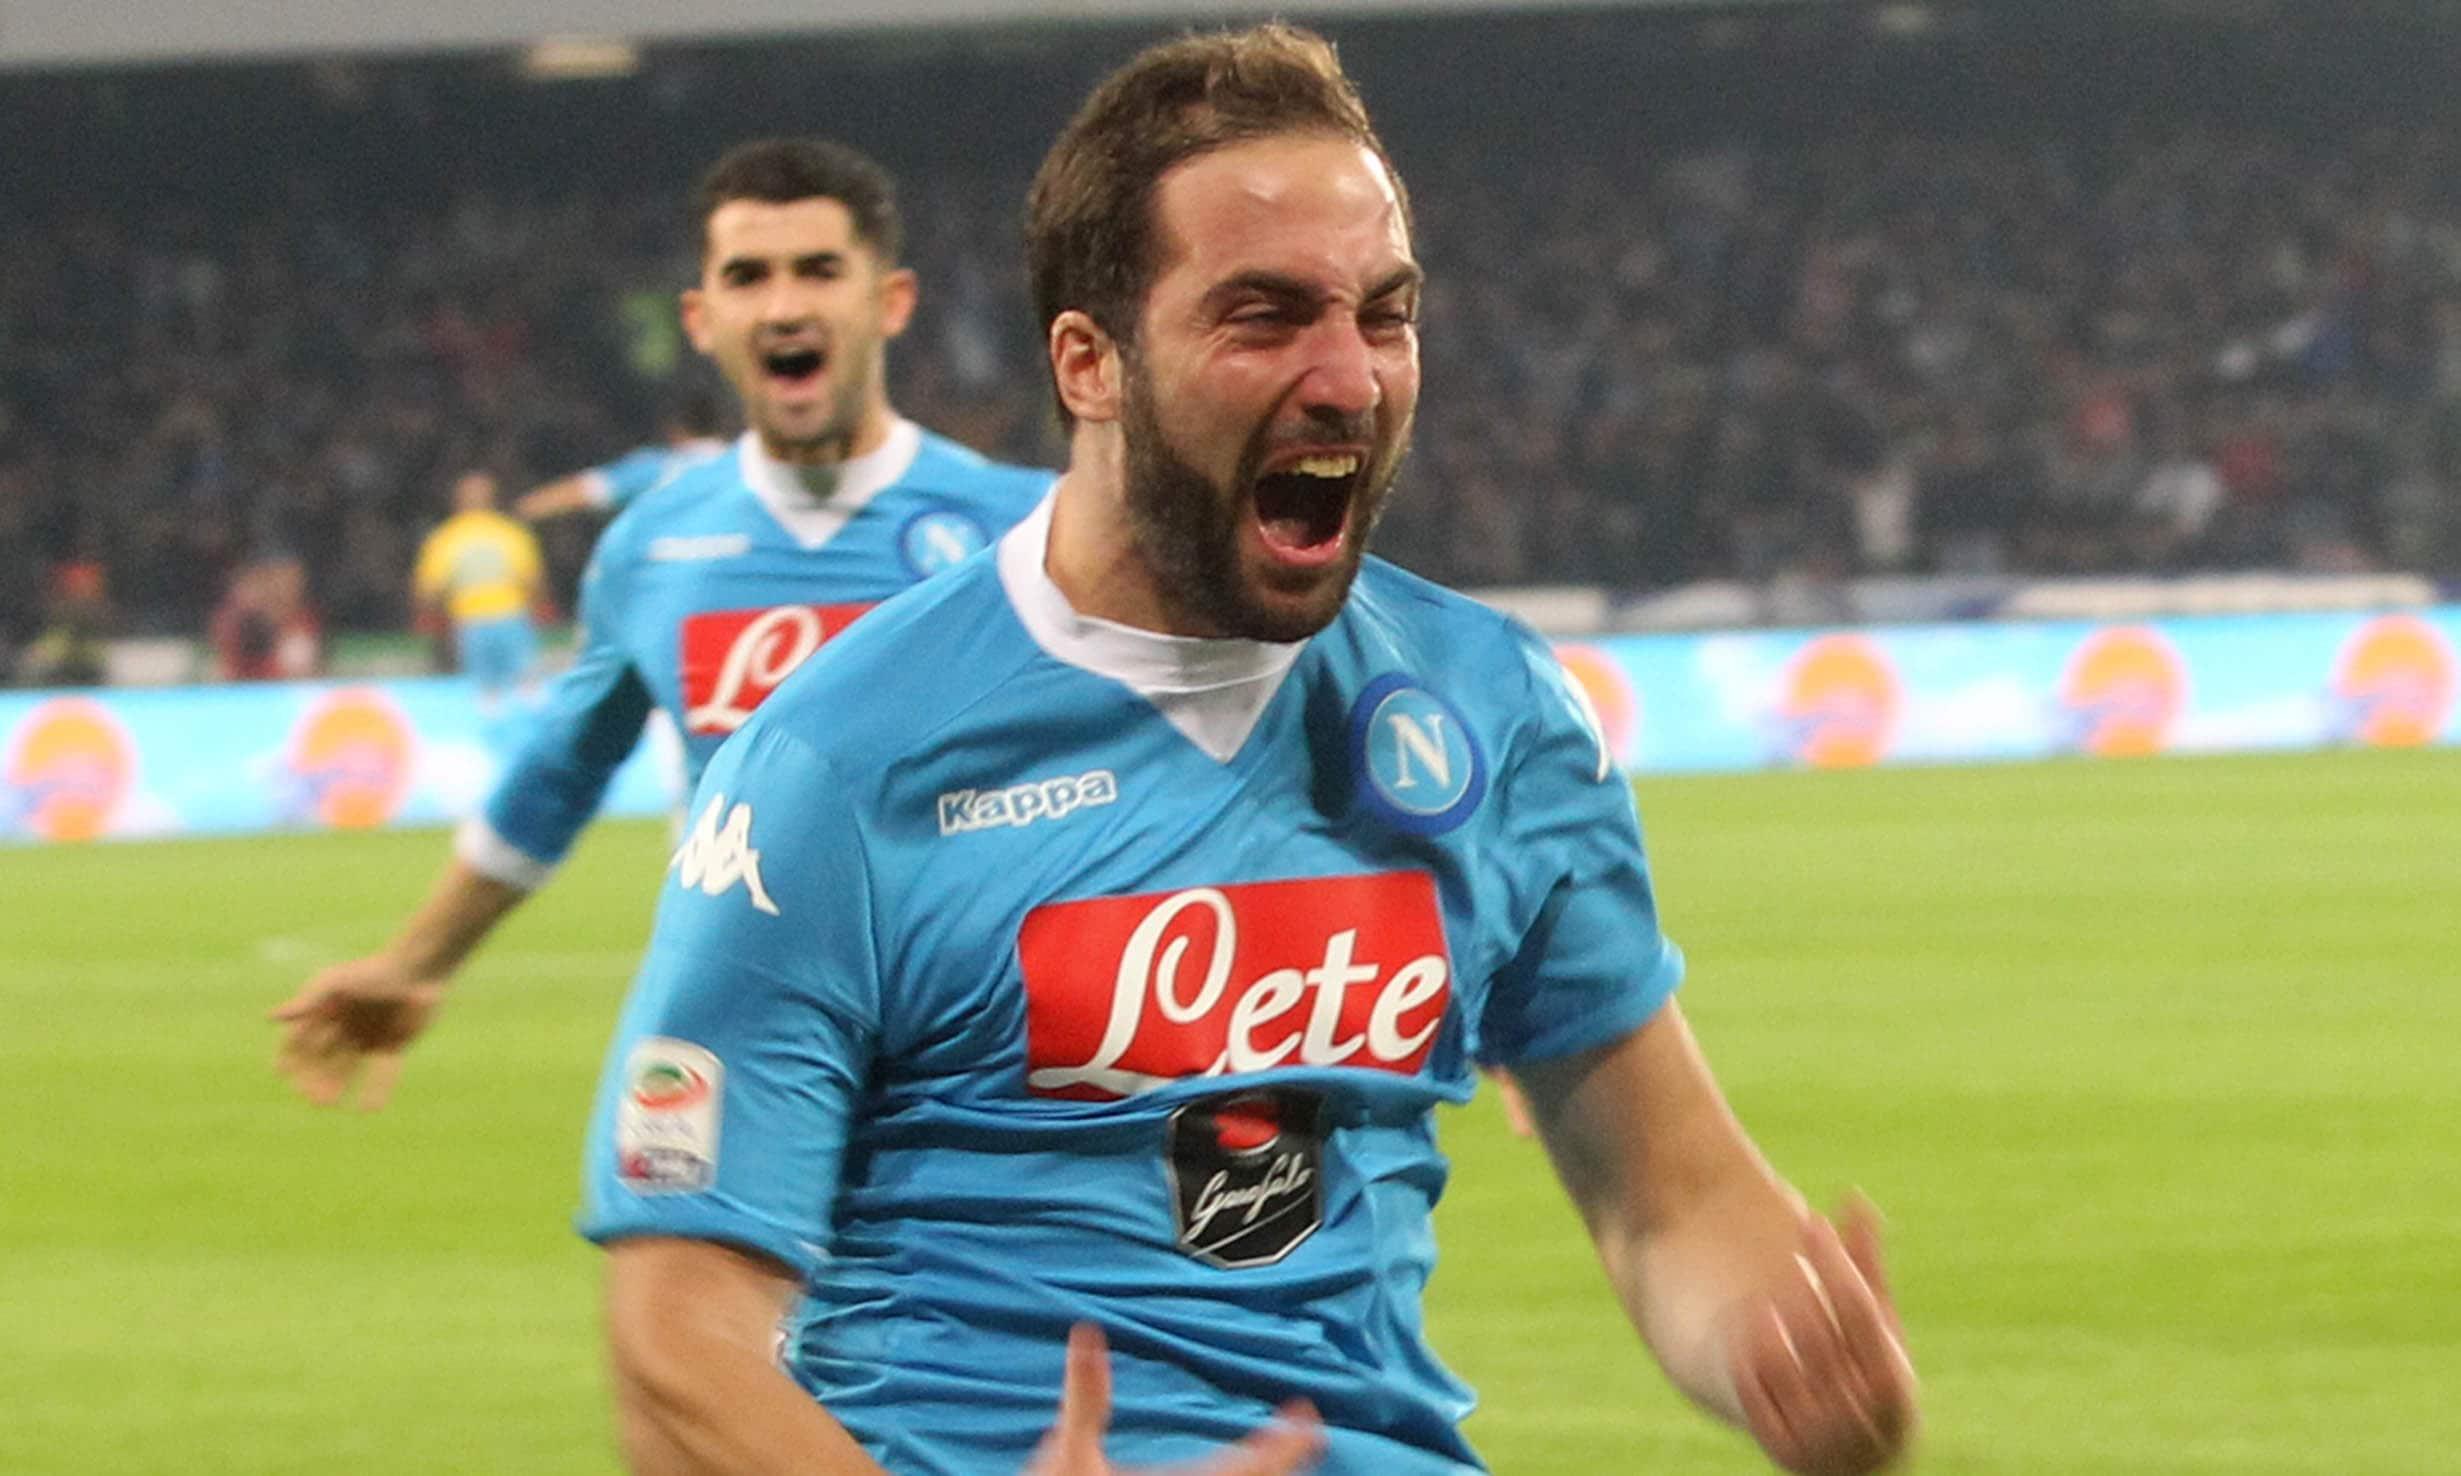 Serie A, Napoli-Inter 2-1: che spettacolo Higuain